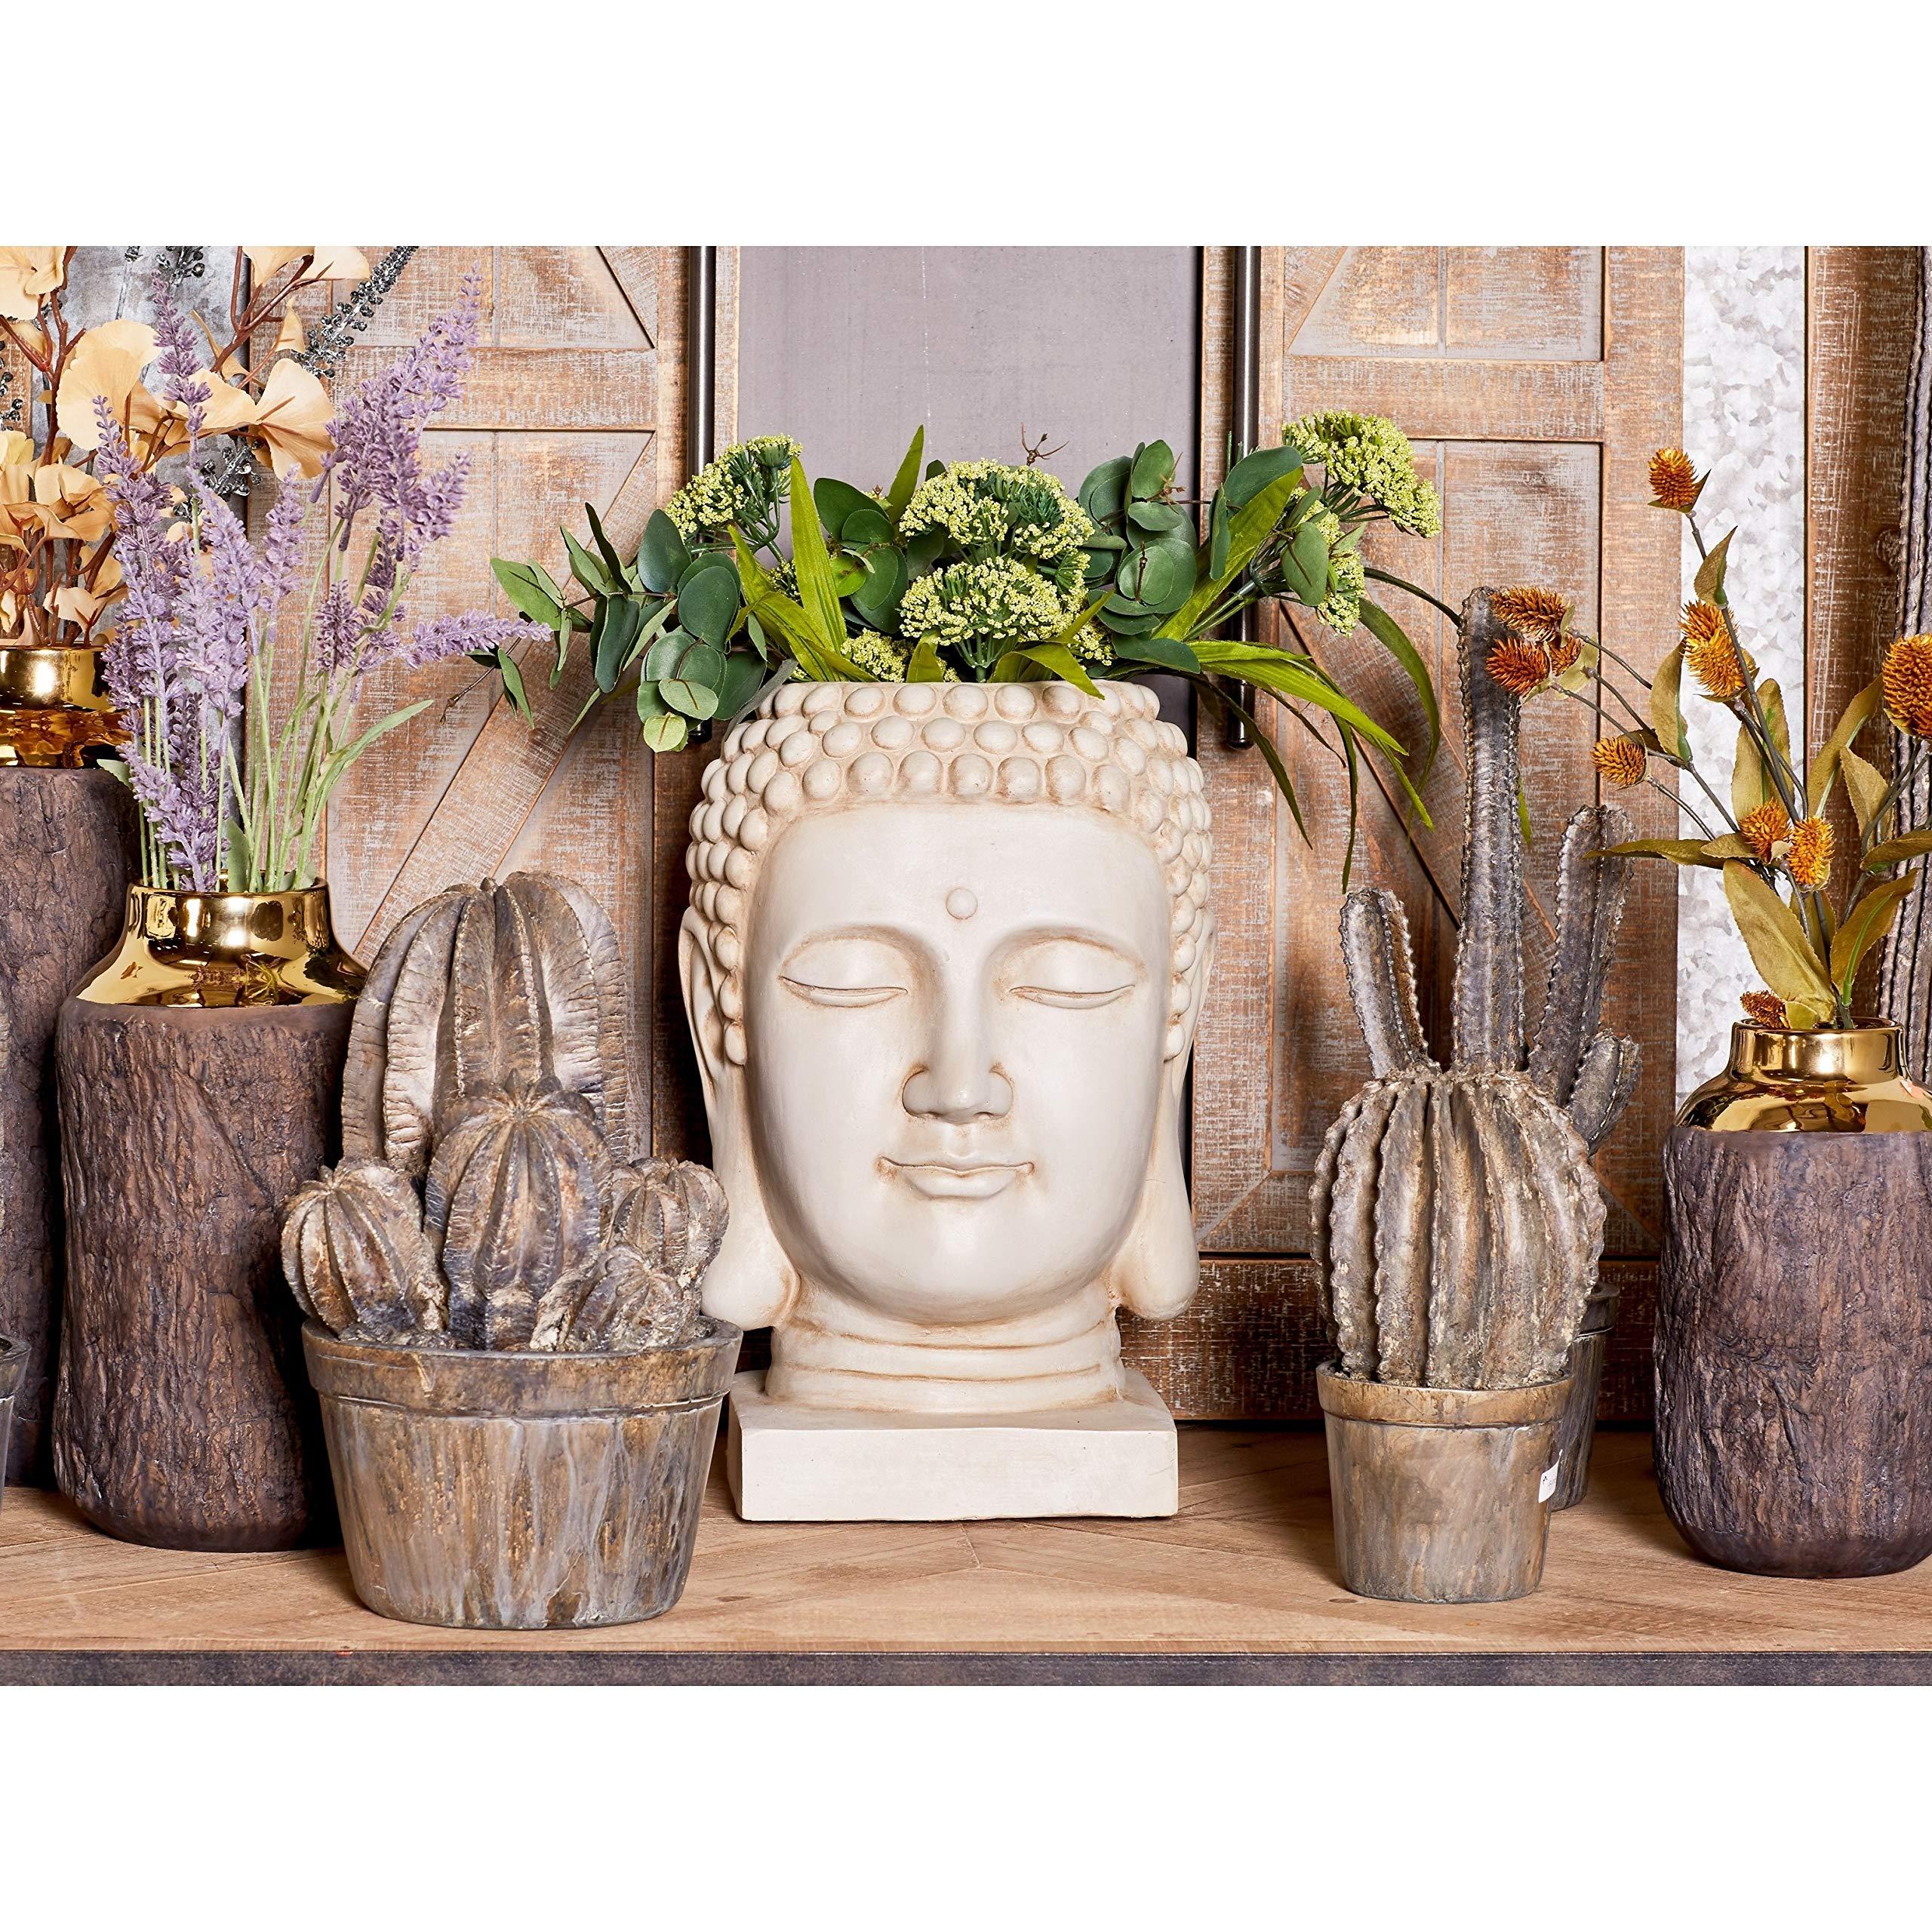 MISC Buda Maceta de Flores Blancas, estatuas de jardín, temática Espiritual, Yoga, Monje, meditación, Budismo, Tallado de Salvia, Guerrero, meditador, decoración del hogar, Piedra: Amazon.es: Hogar